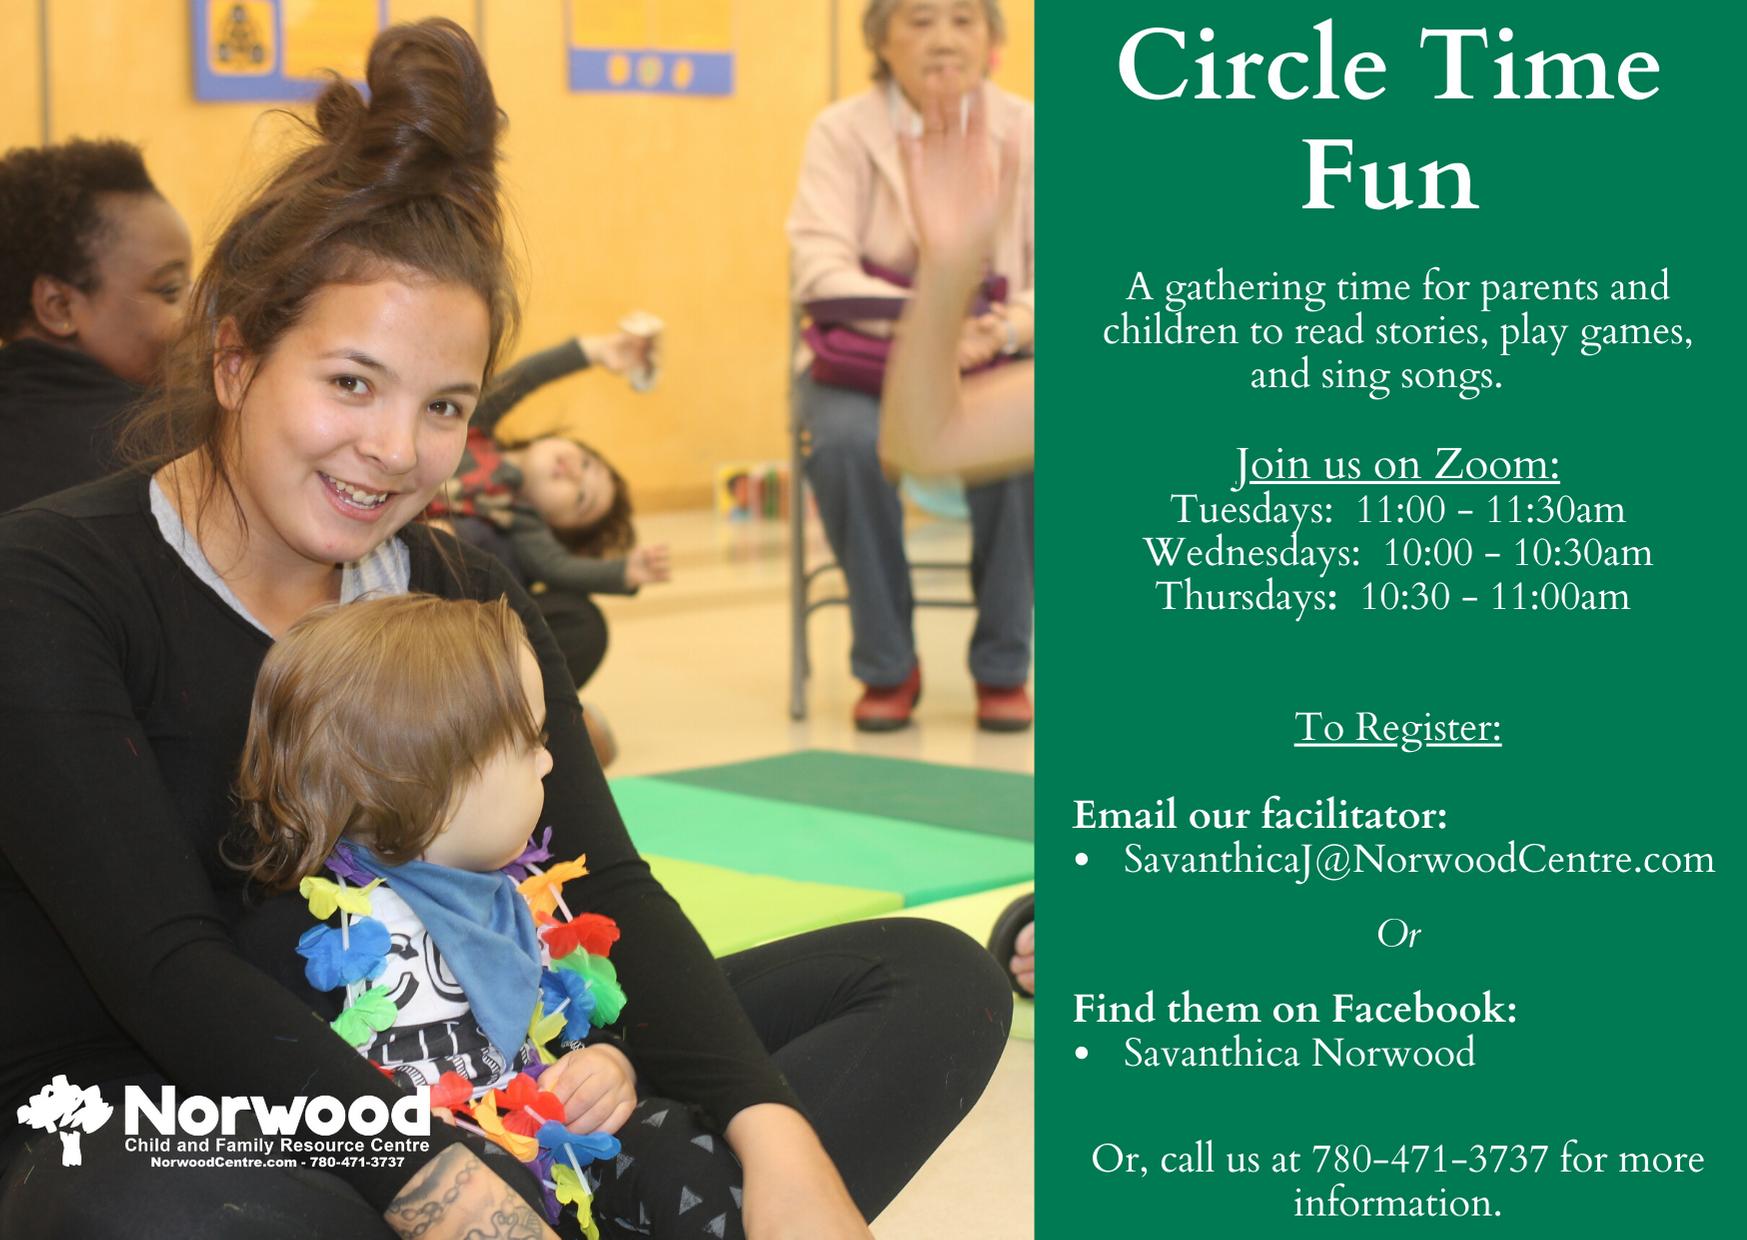 Circle Time Fun